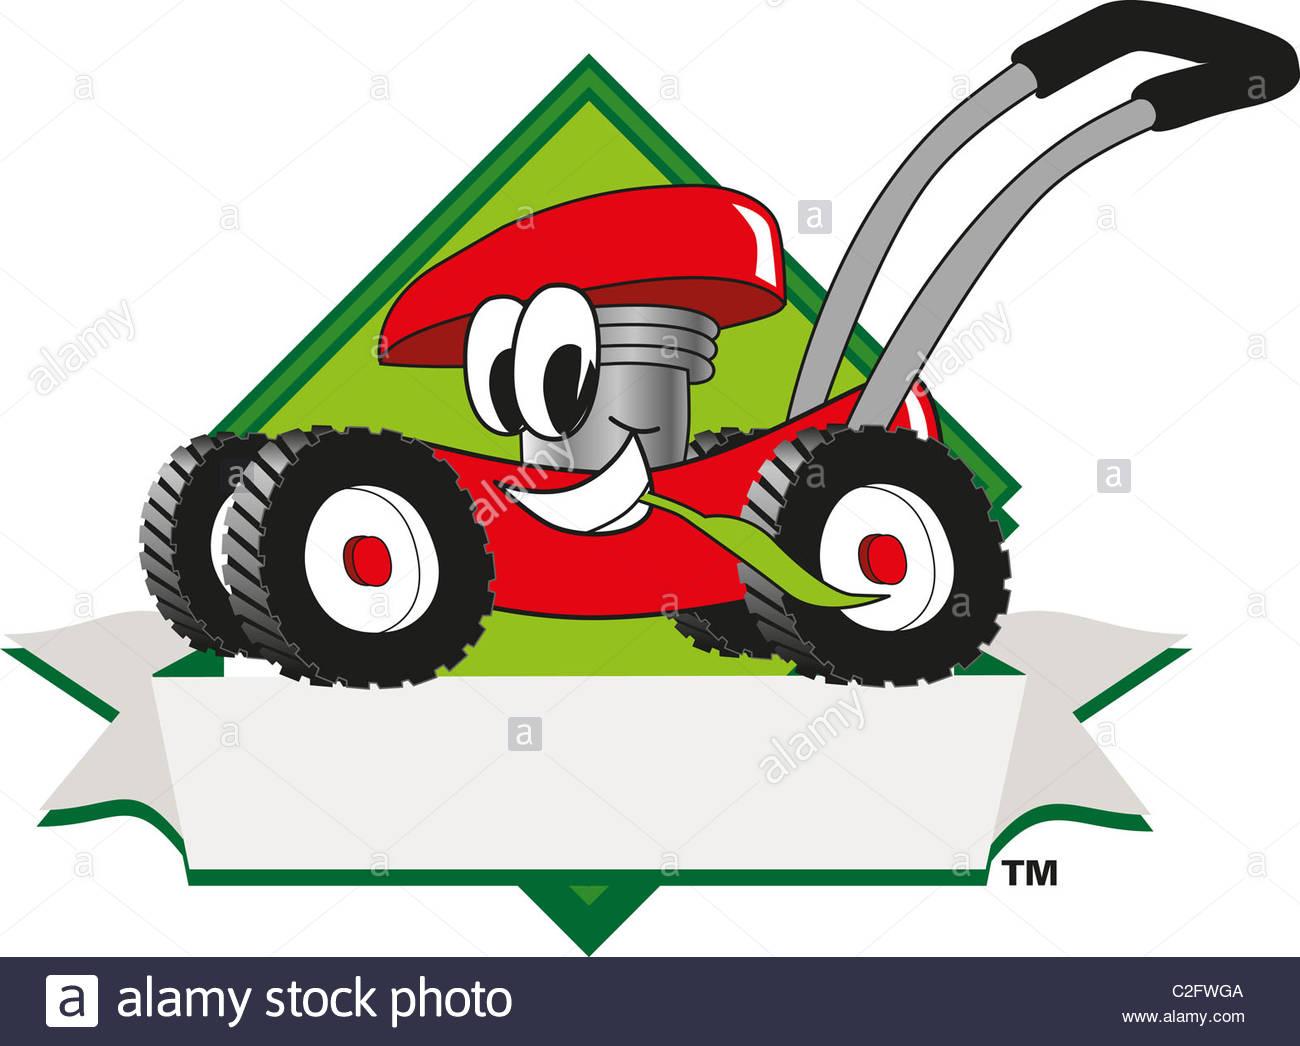 1300x1046 Cartoon Clipart Lawn Mower